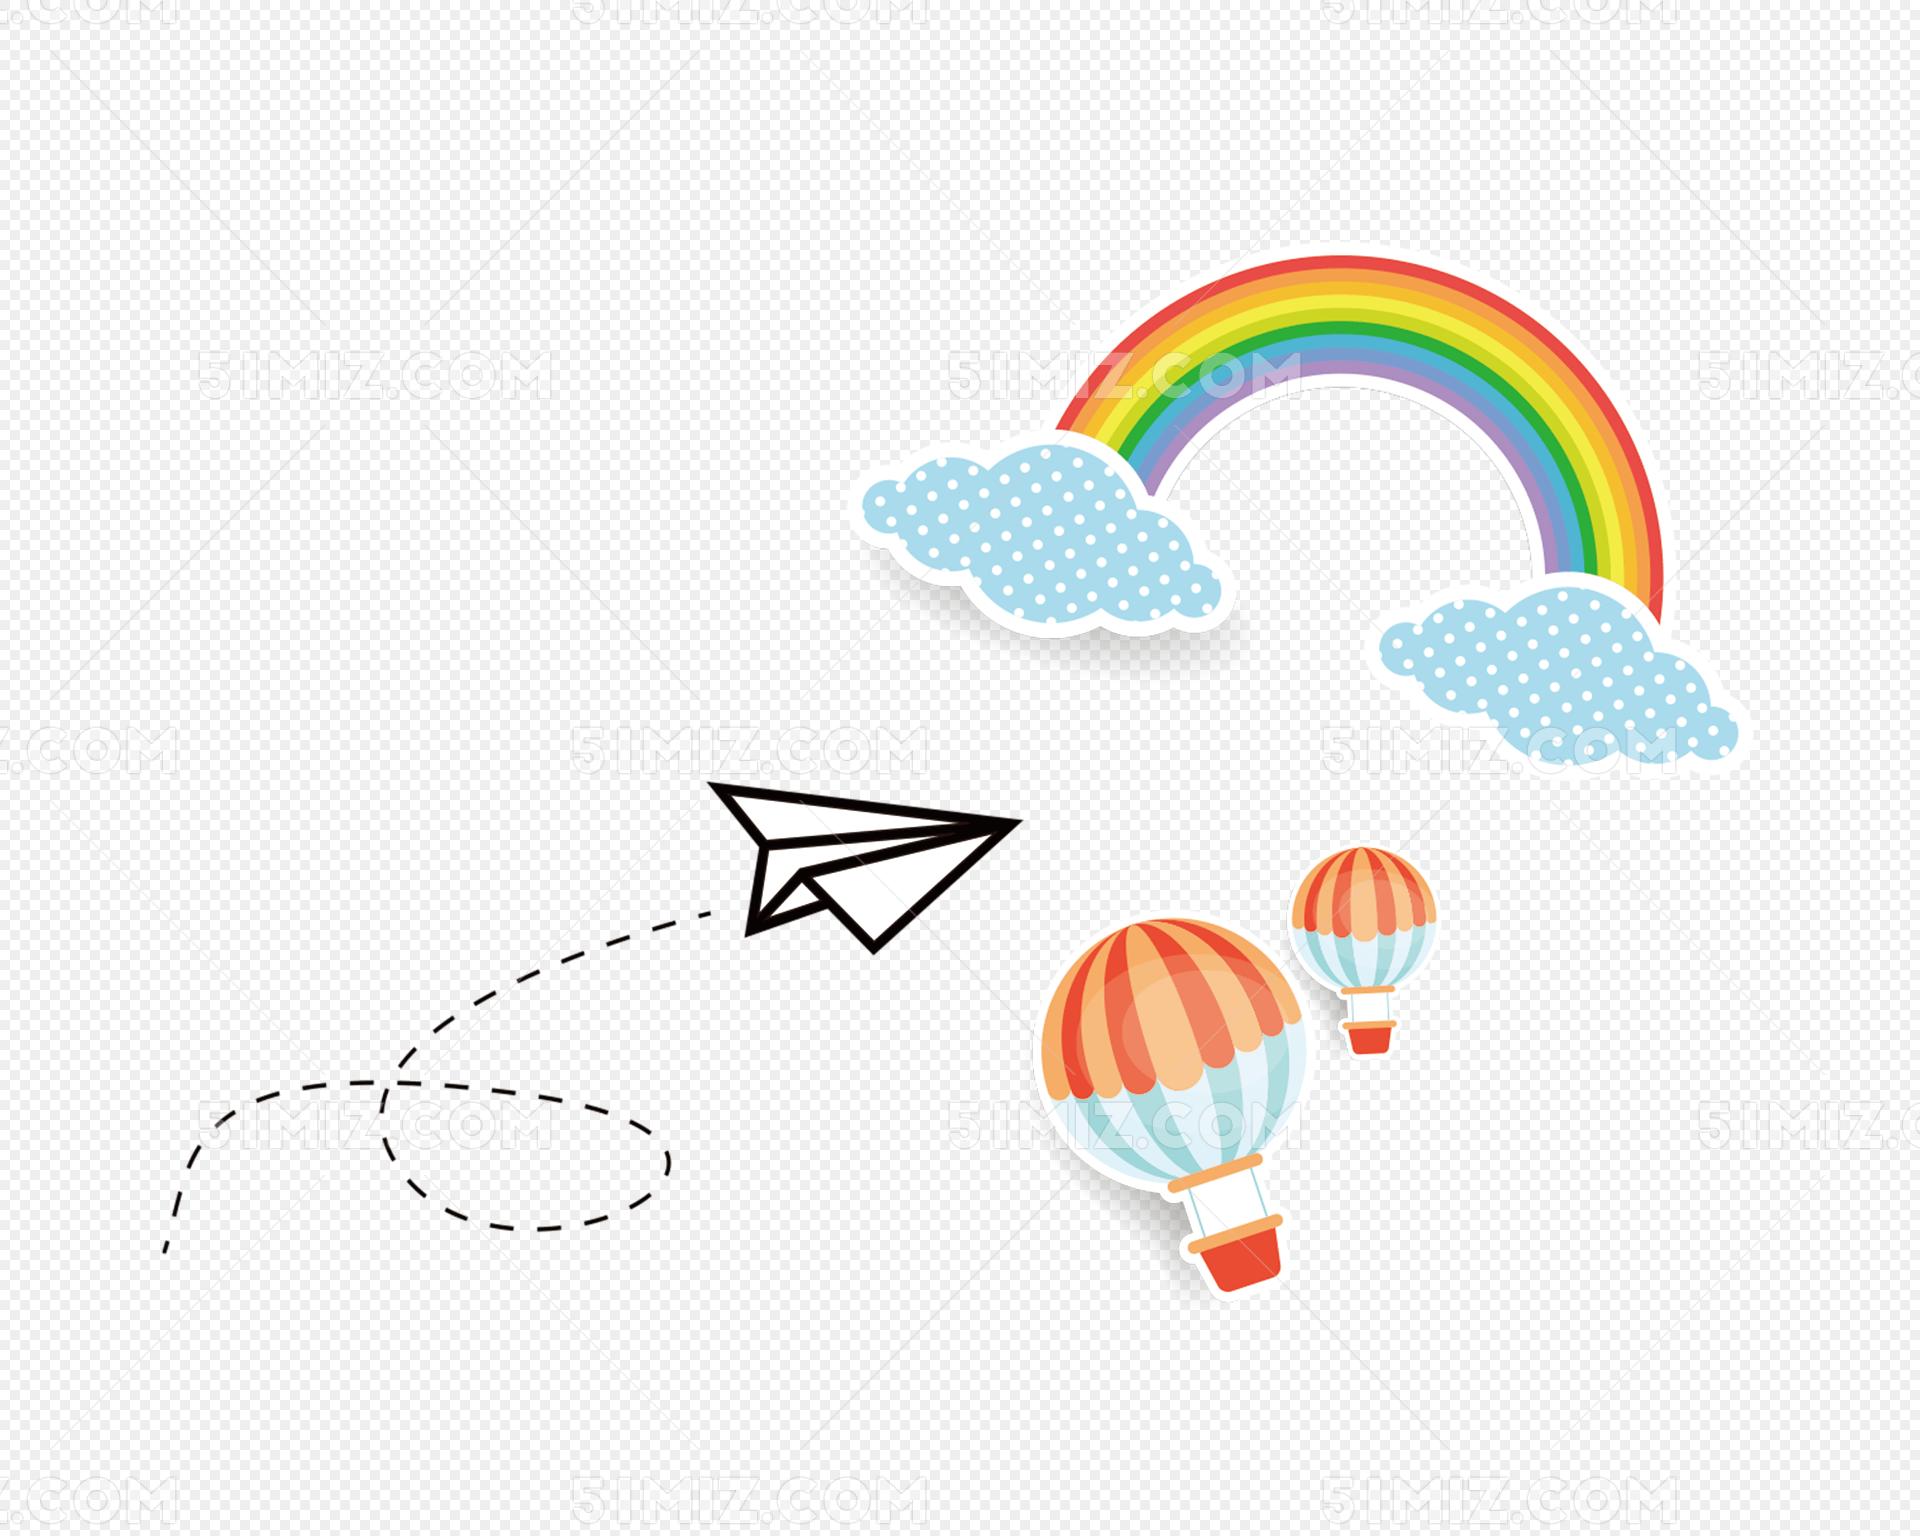 手绘彩虹热气球纸飞机